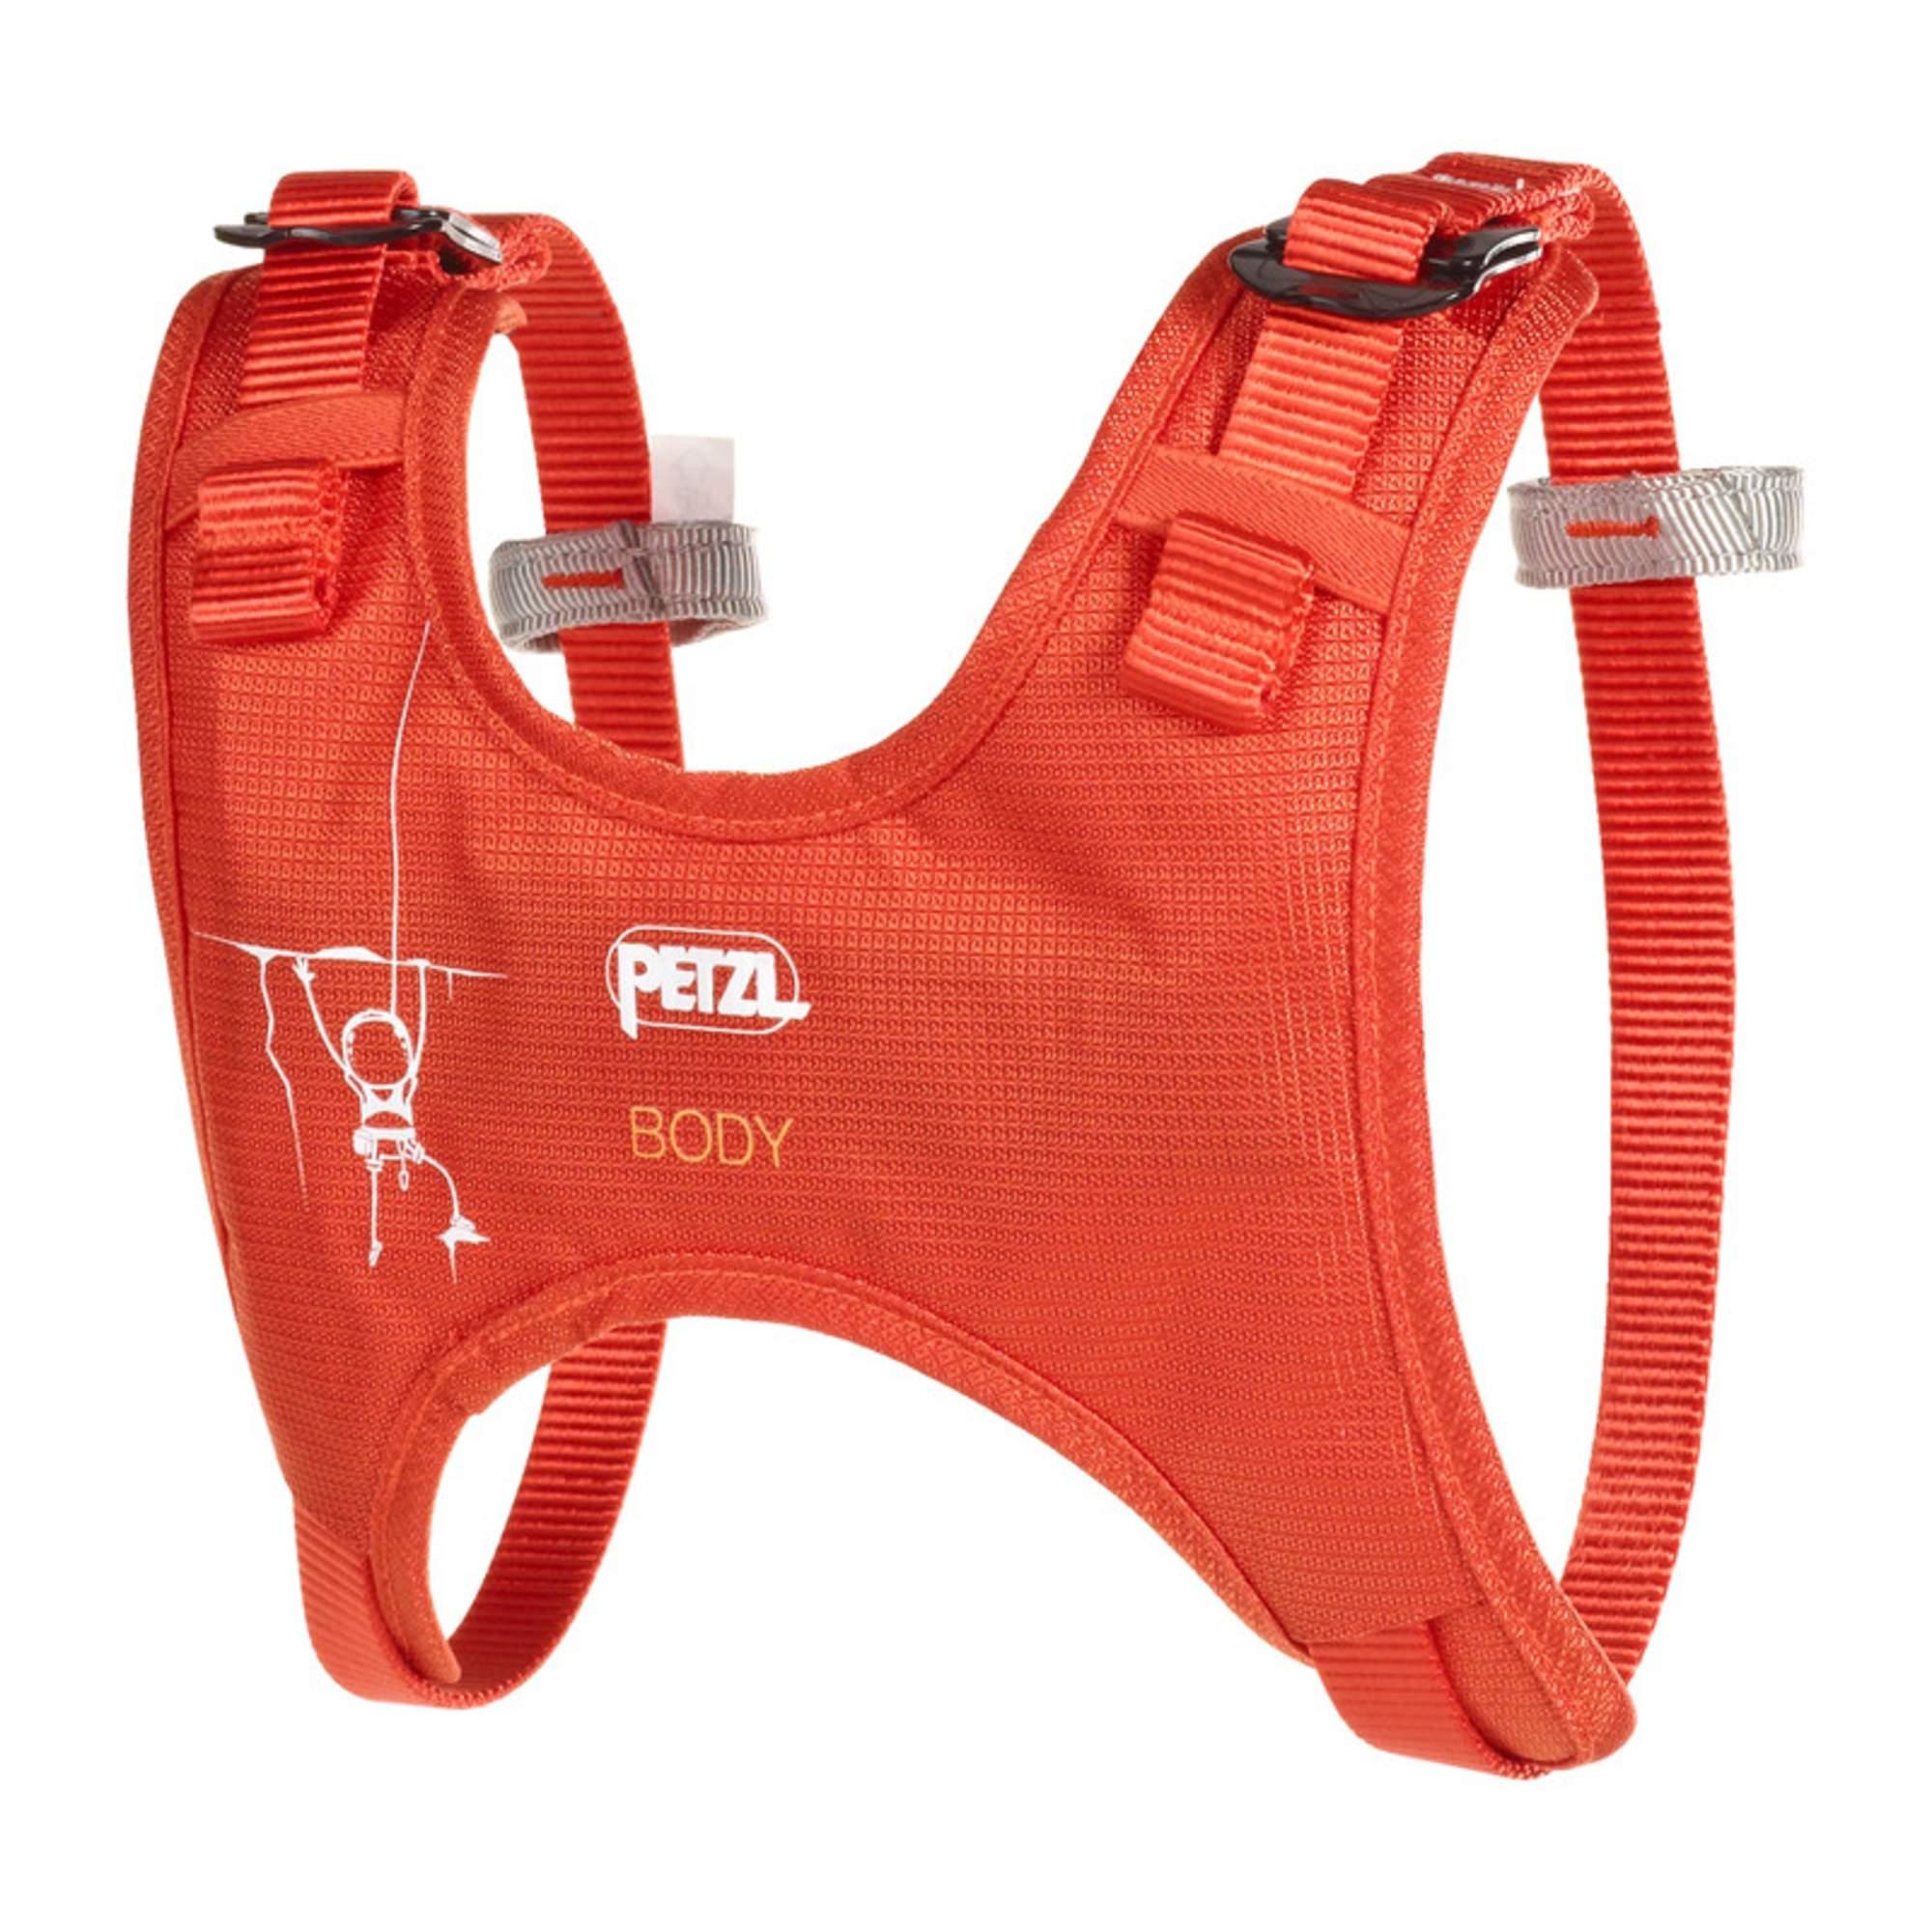 370a921ce407f3 Brustgurt für Kinder Der Brustgurt Body wird in Kombination mit einem  Hüftgurt (z.B. dem Macchu von Petzl) getragen und schützt Kinder vor einem  ...